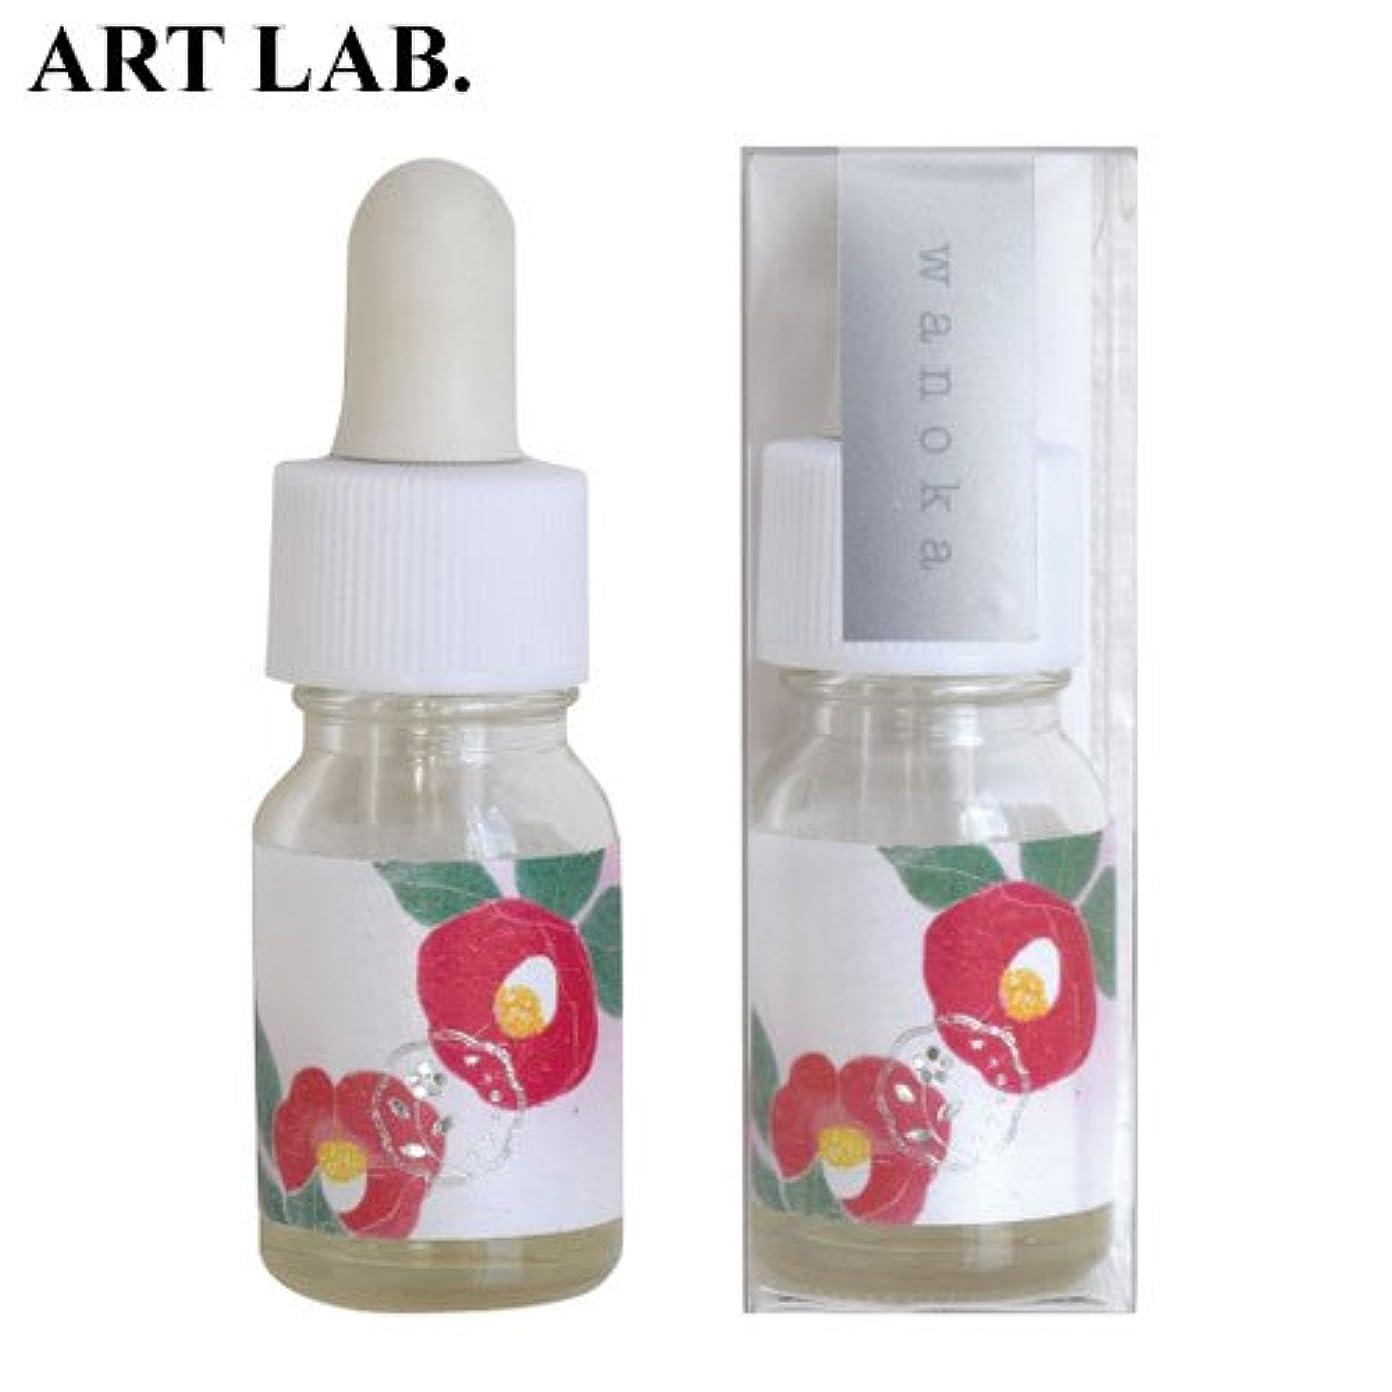 著者なんとなくブラケットwanoka香油アロマオイル椿《おしとやかで深みのある香り》ART LABAromatic oil